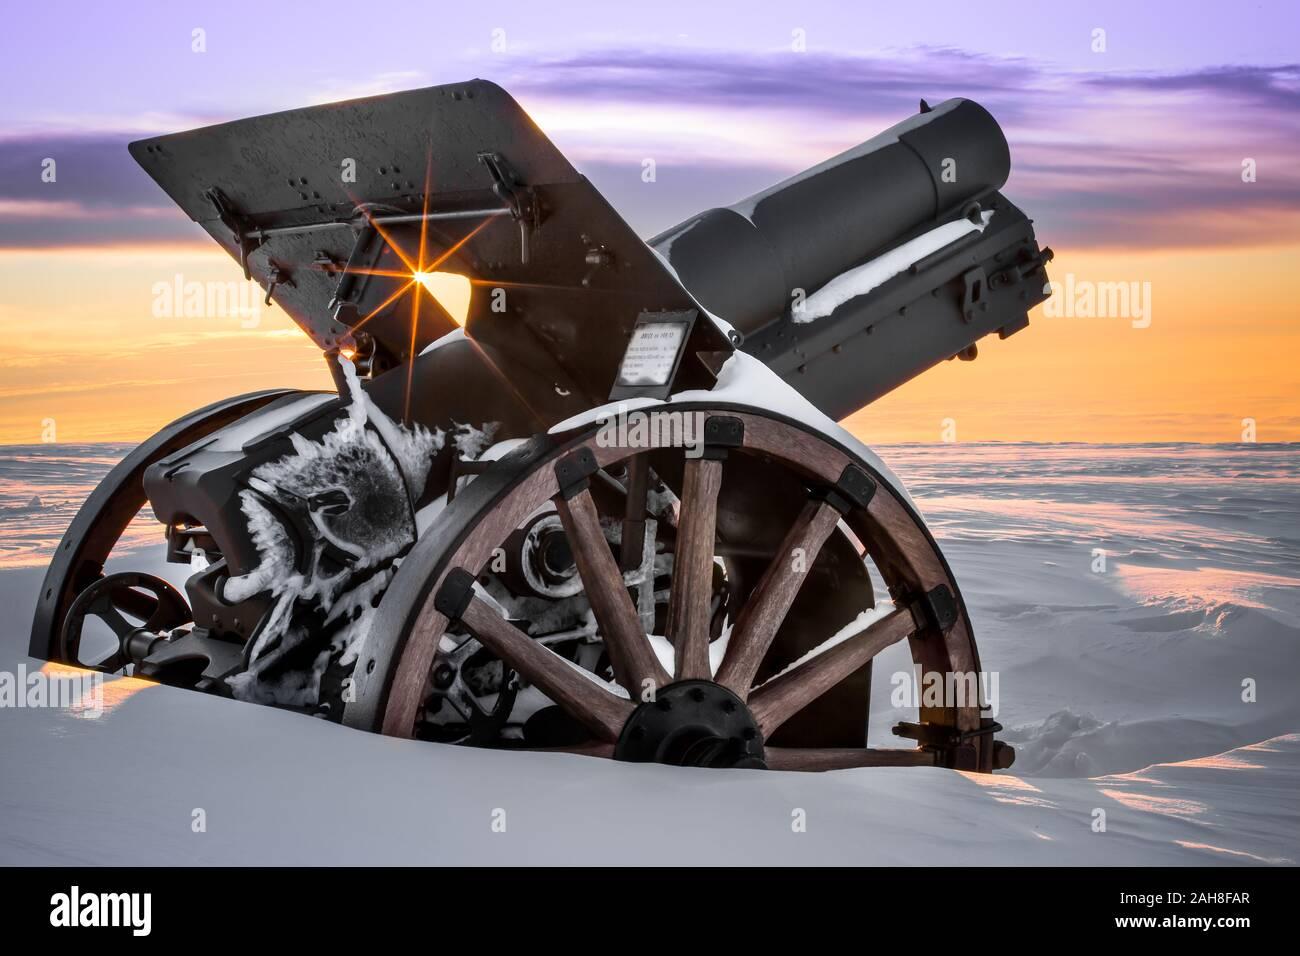 Cerca de un cañón de la primera Guerra Mundial en un monumento conmemorativo de la cima de la montaña cubierto de nieve al amanecer Foto de stock